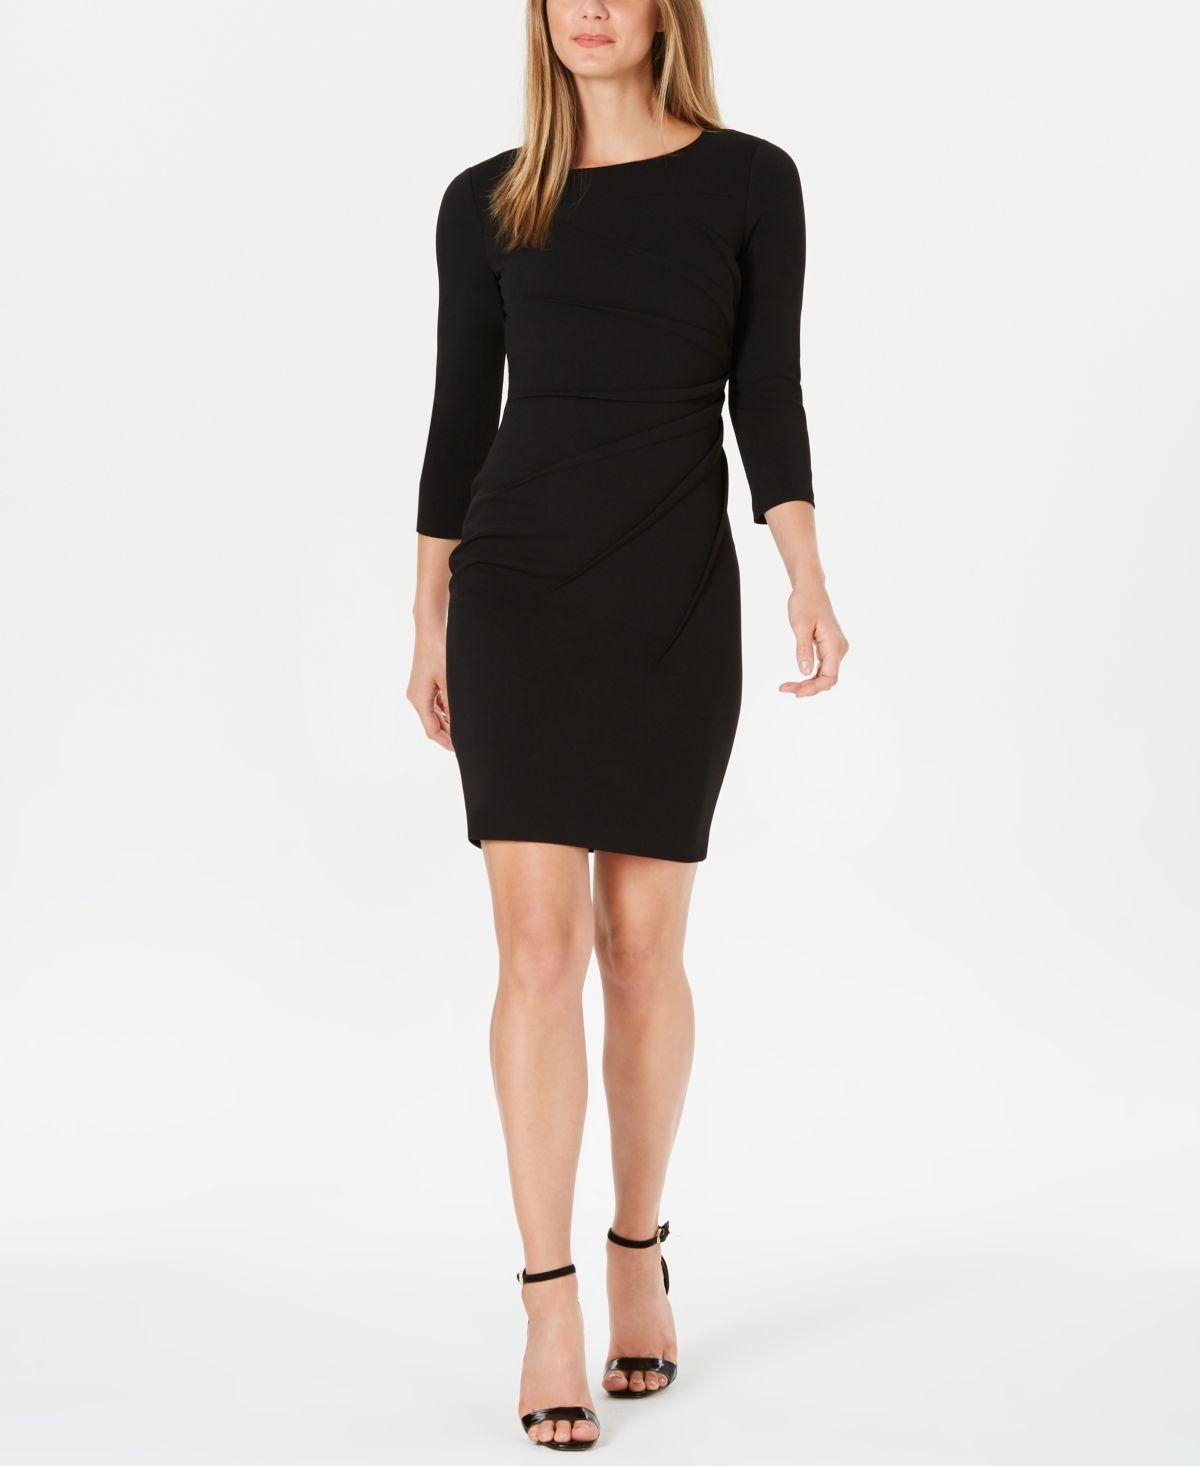 Calvin Klein Starburst Sheath Dress Black Black Sheath Dress Sheath Dress Rush Outfits